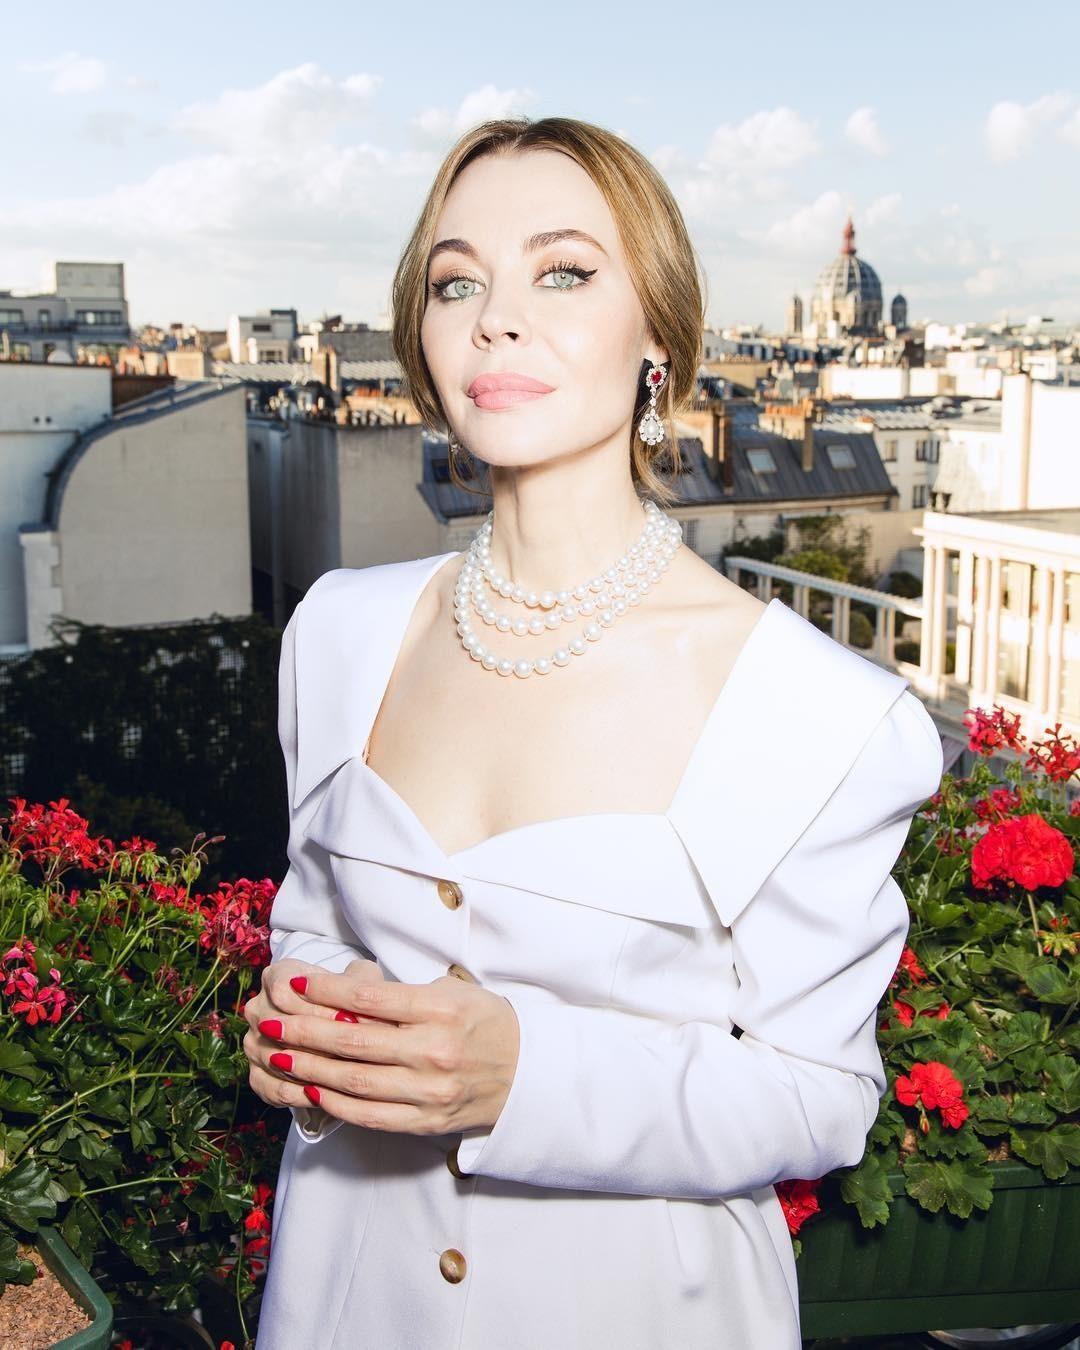 По словам самой Ульяны Сергеенко, она«всегда старалась истарается делать только то, что ей действительно нравится». Модой Сергеенко увлекалась ссамого детства, всегда тянулась кней и...